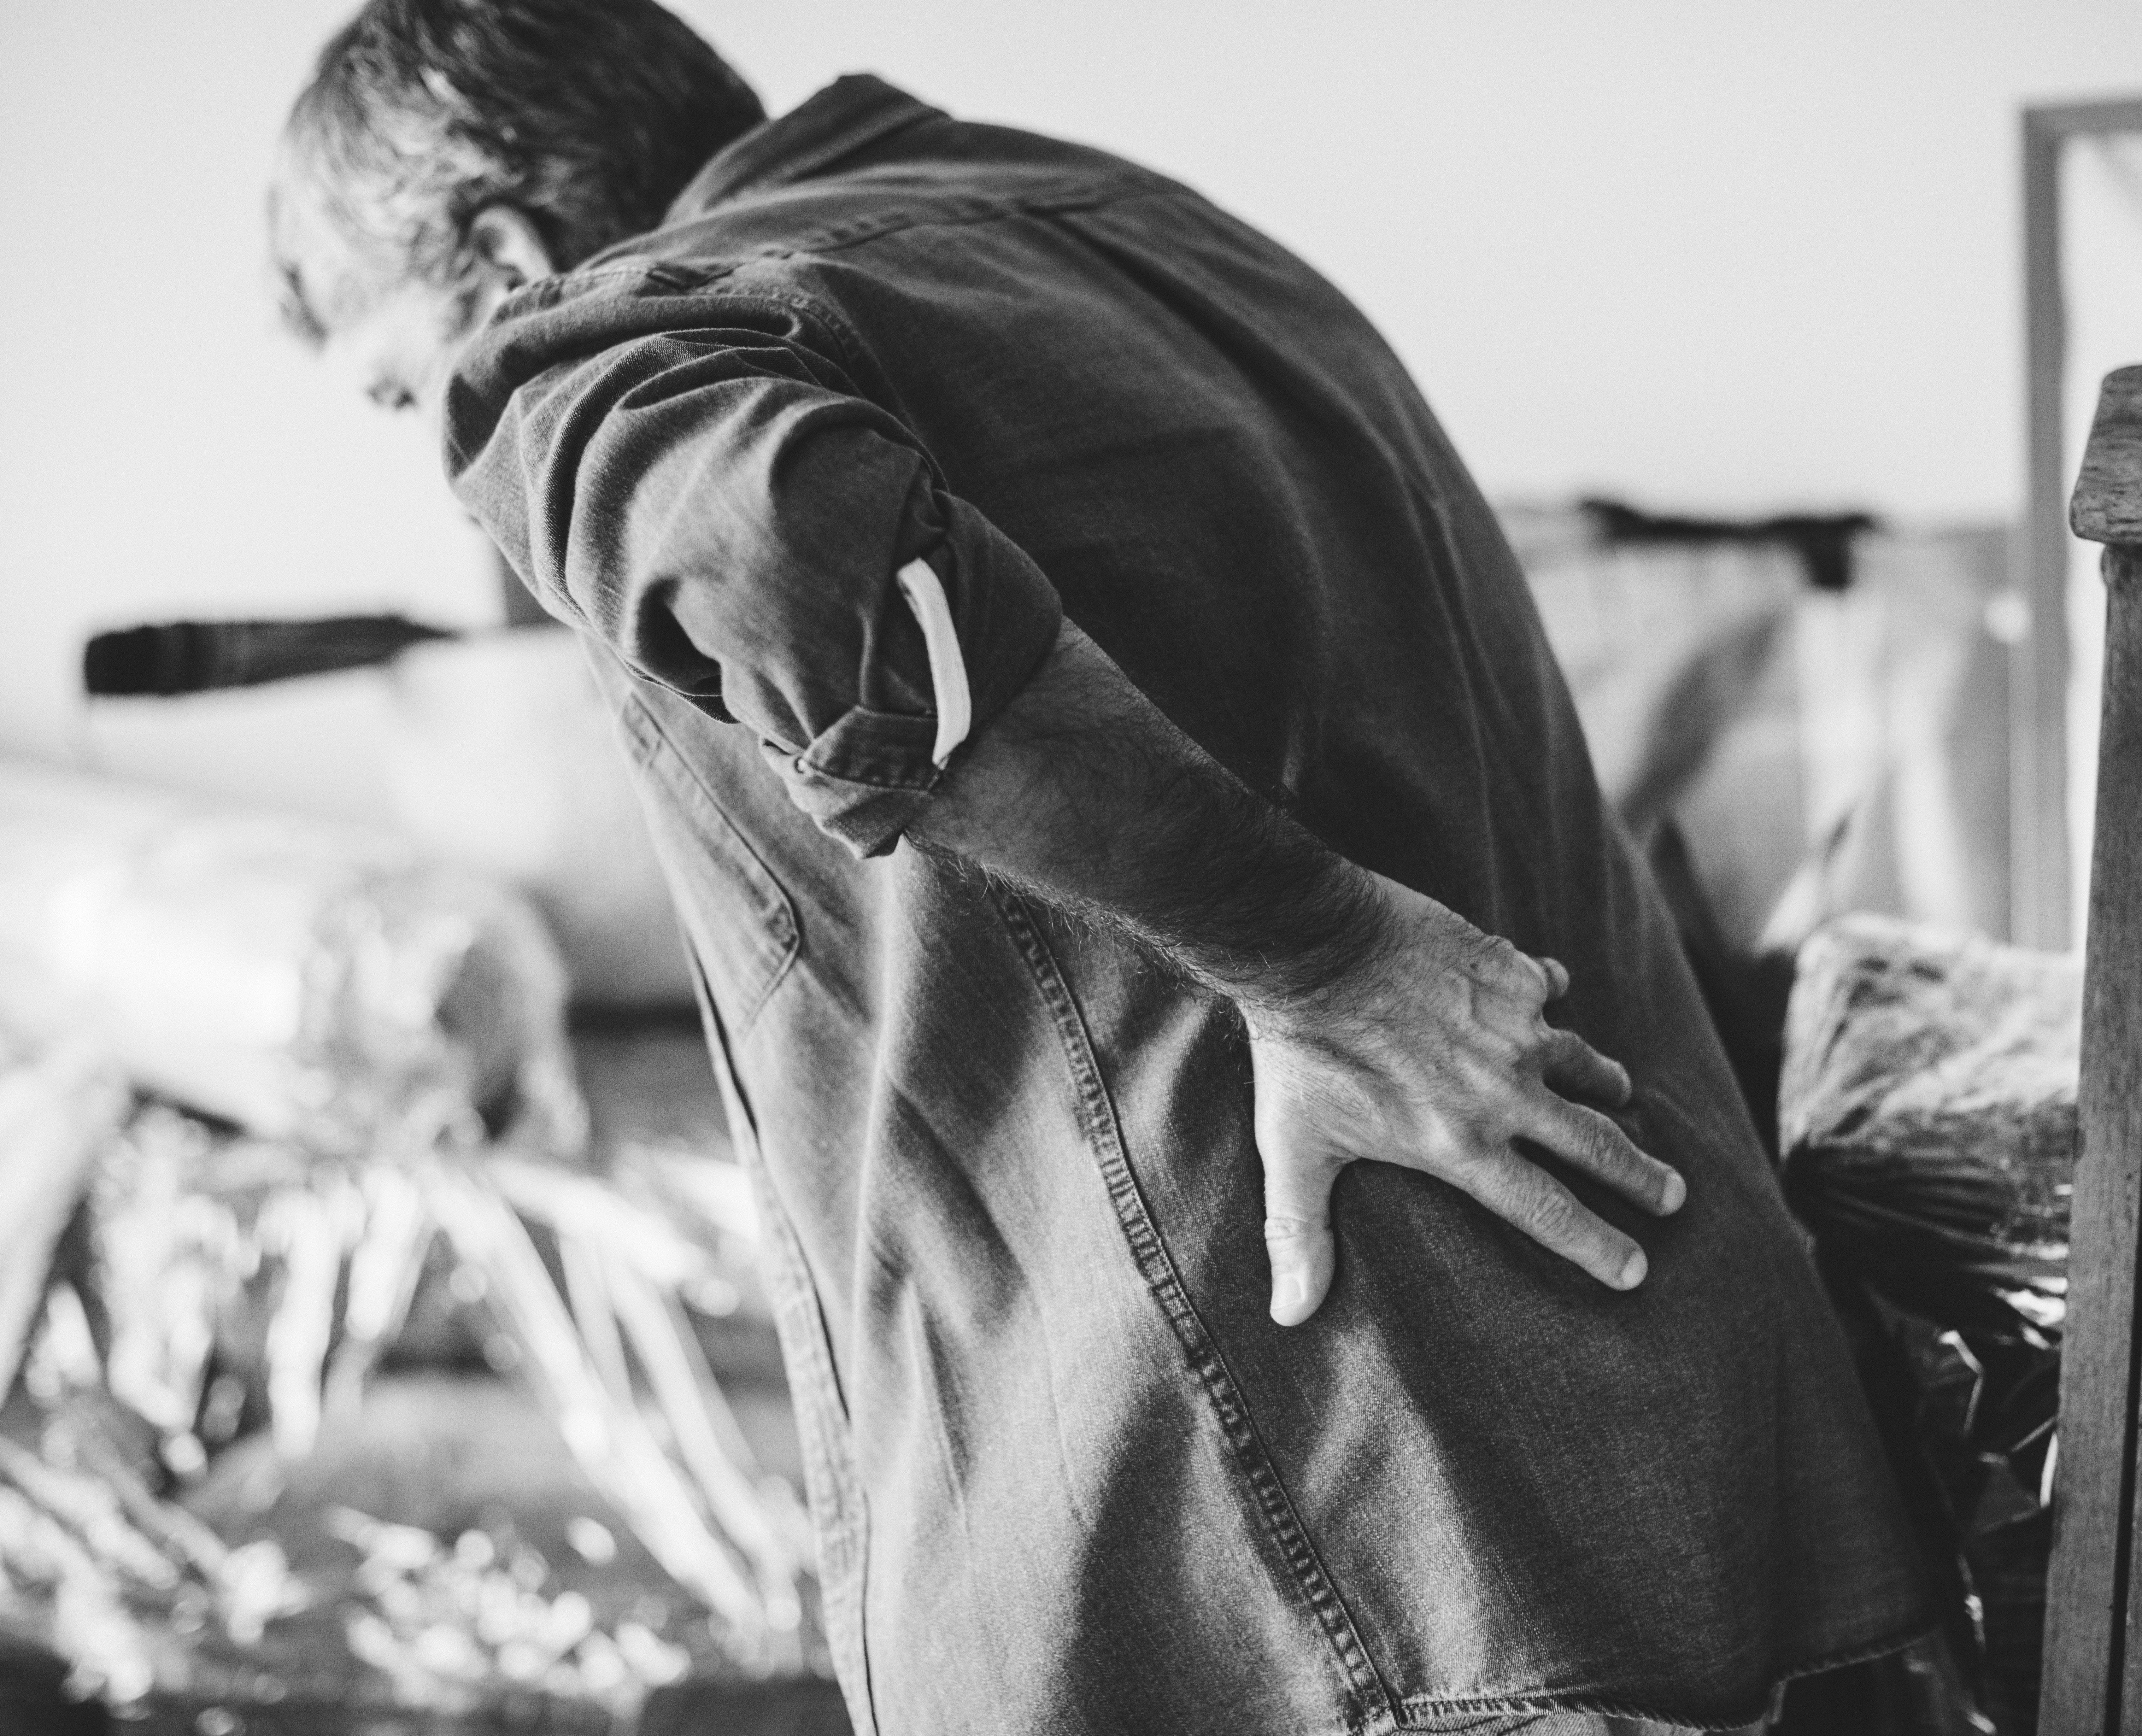 Lumbago alebo bolesť v krížoch - Jeho druhy, príznaky, cvika a liečba